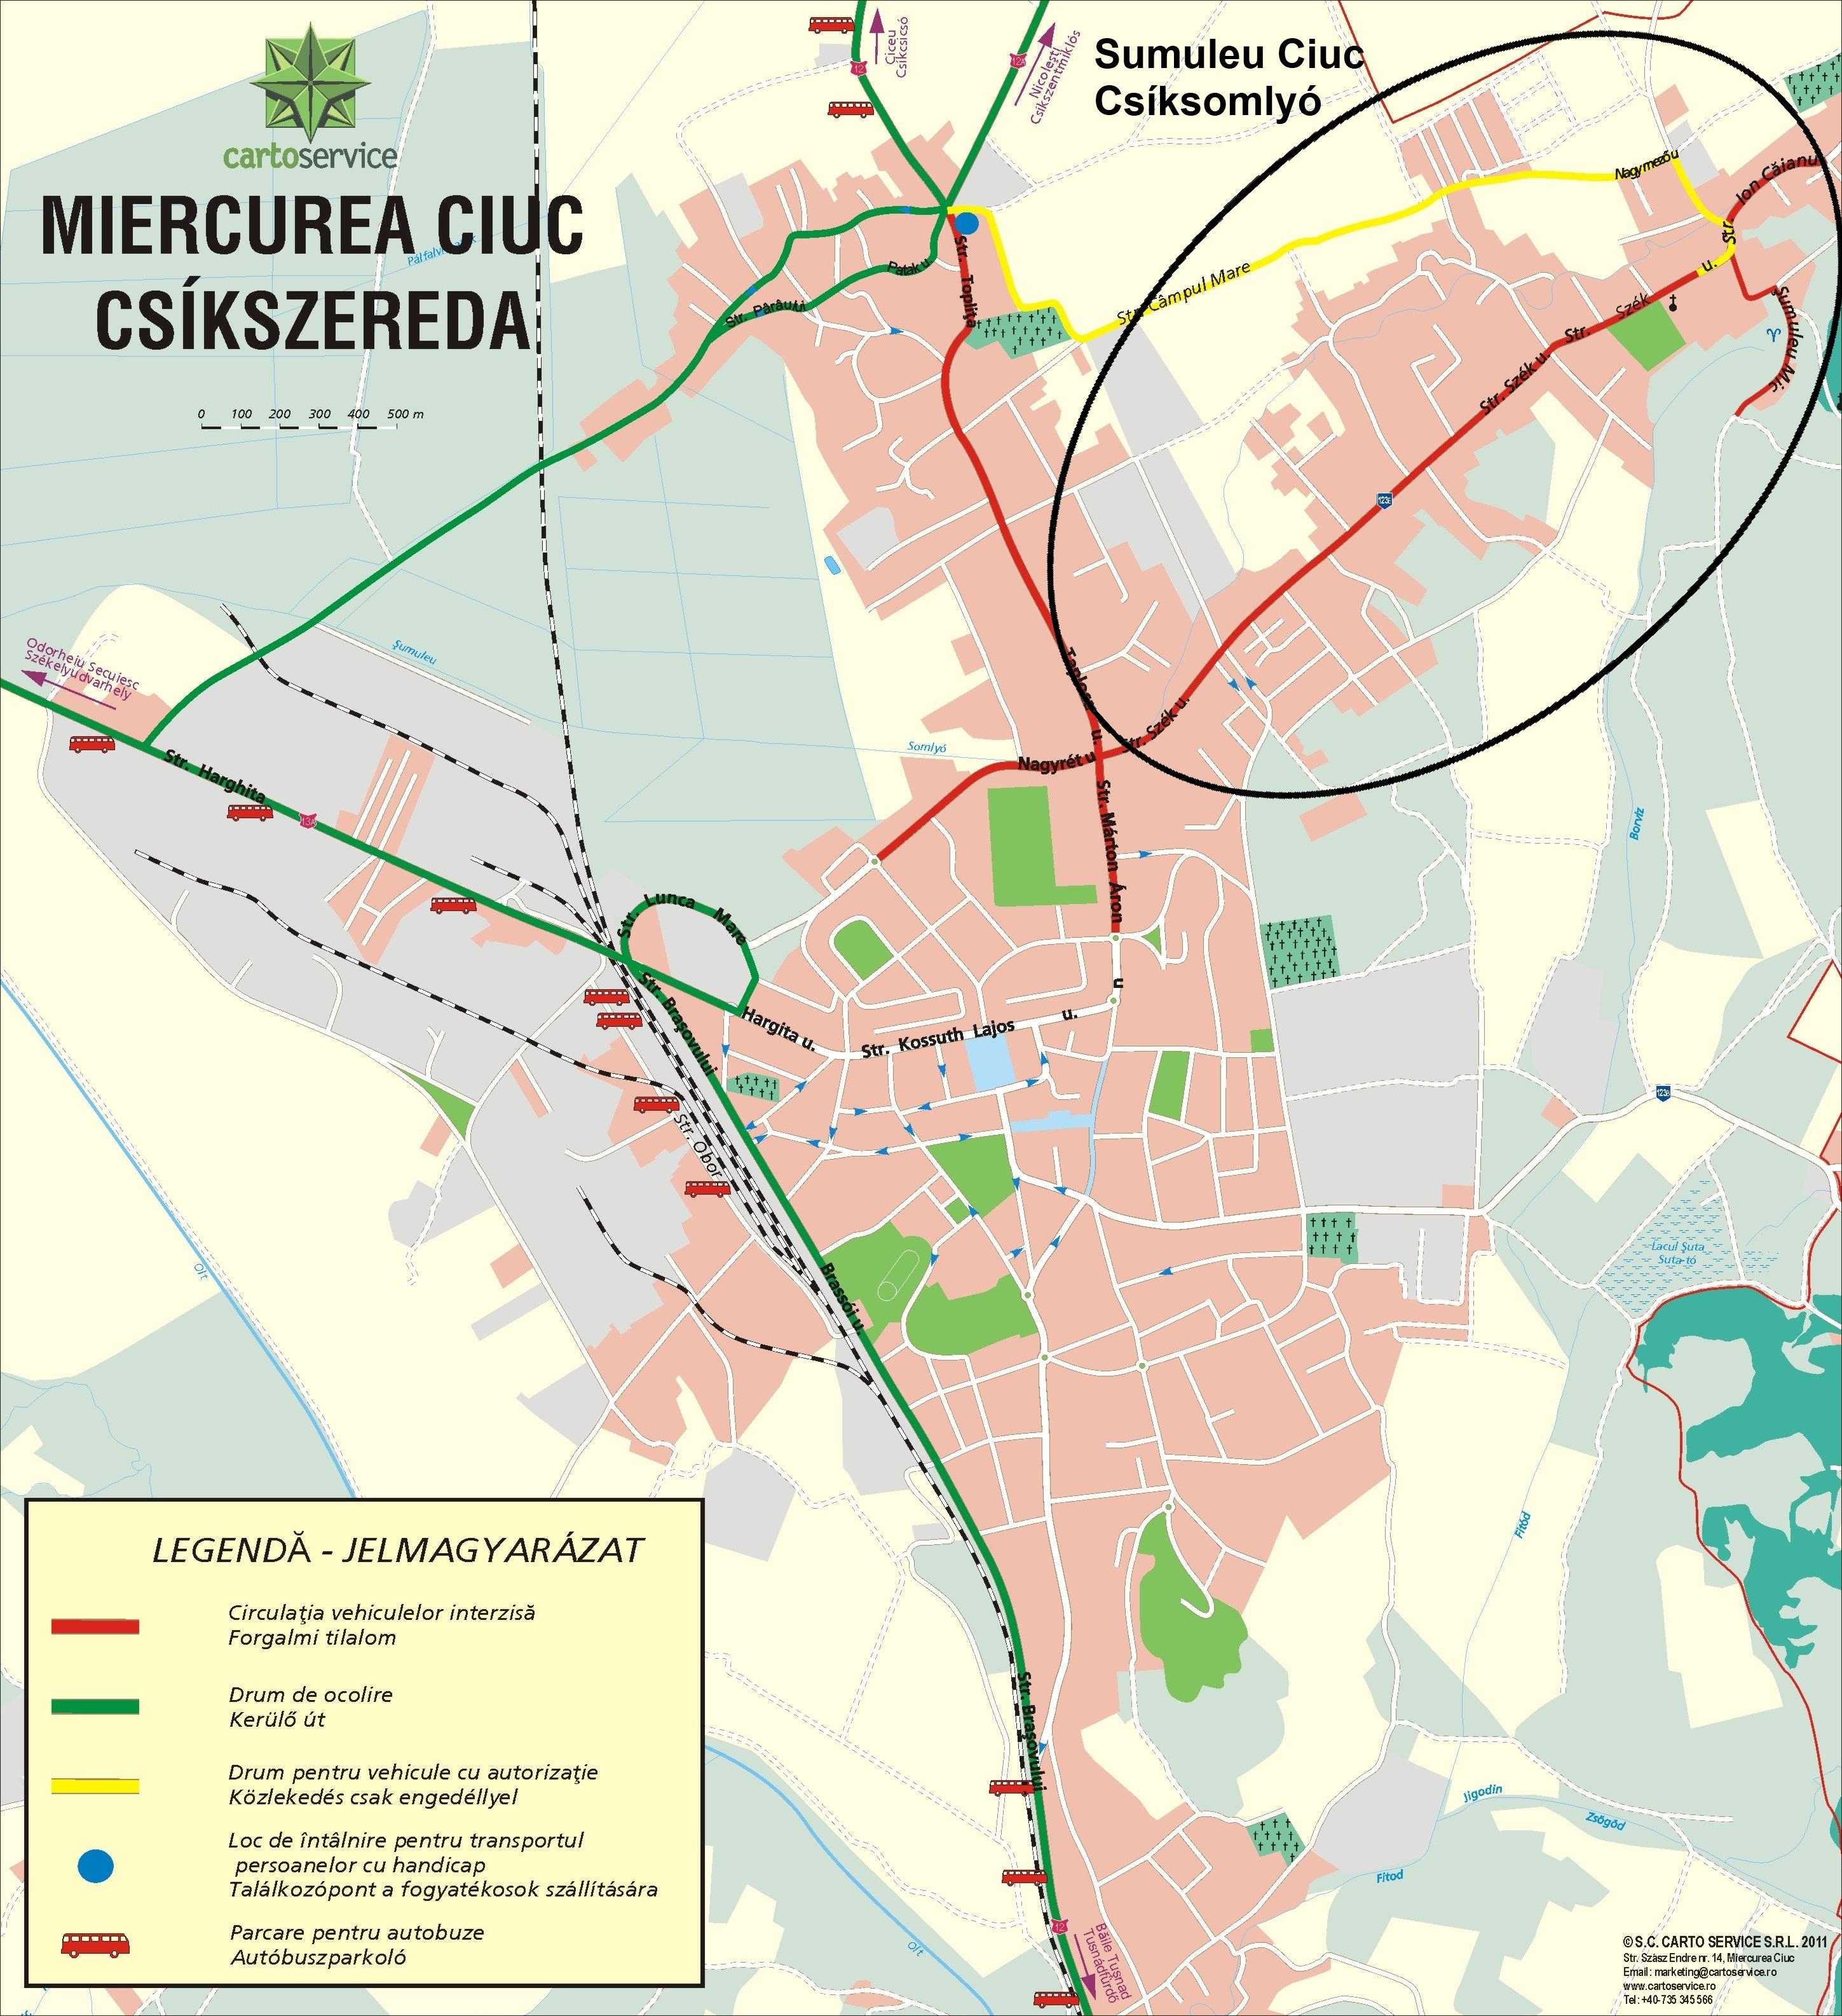 Harta turistica Sumuleu Ciuc cazare